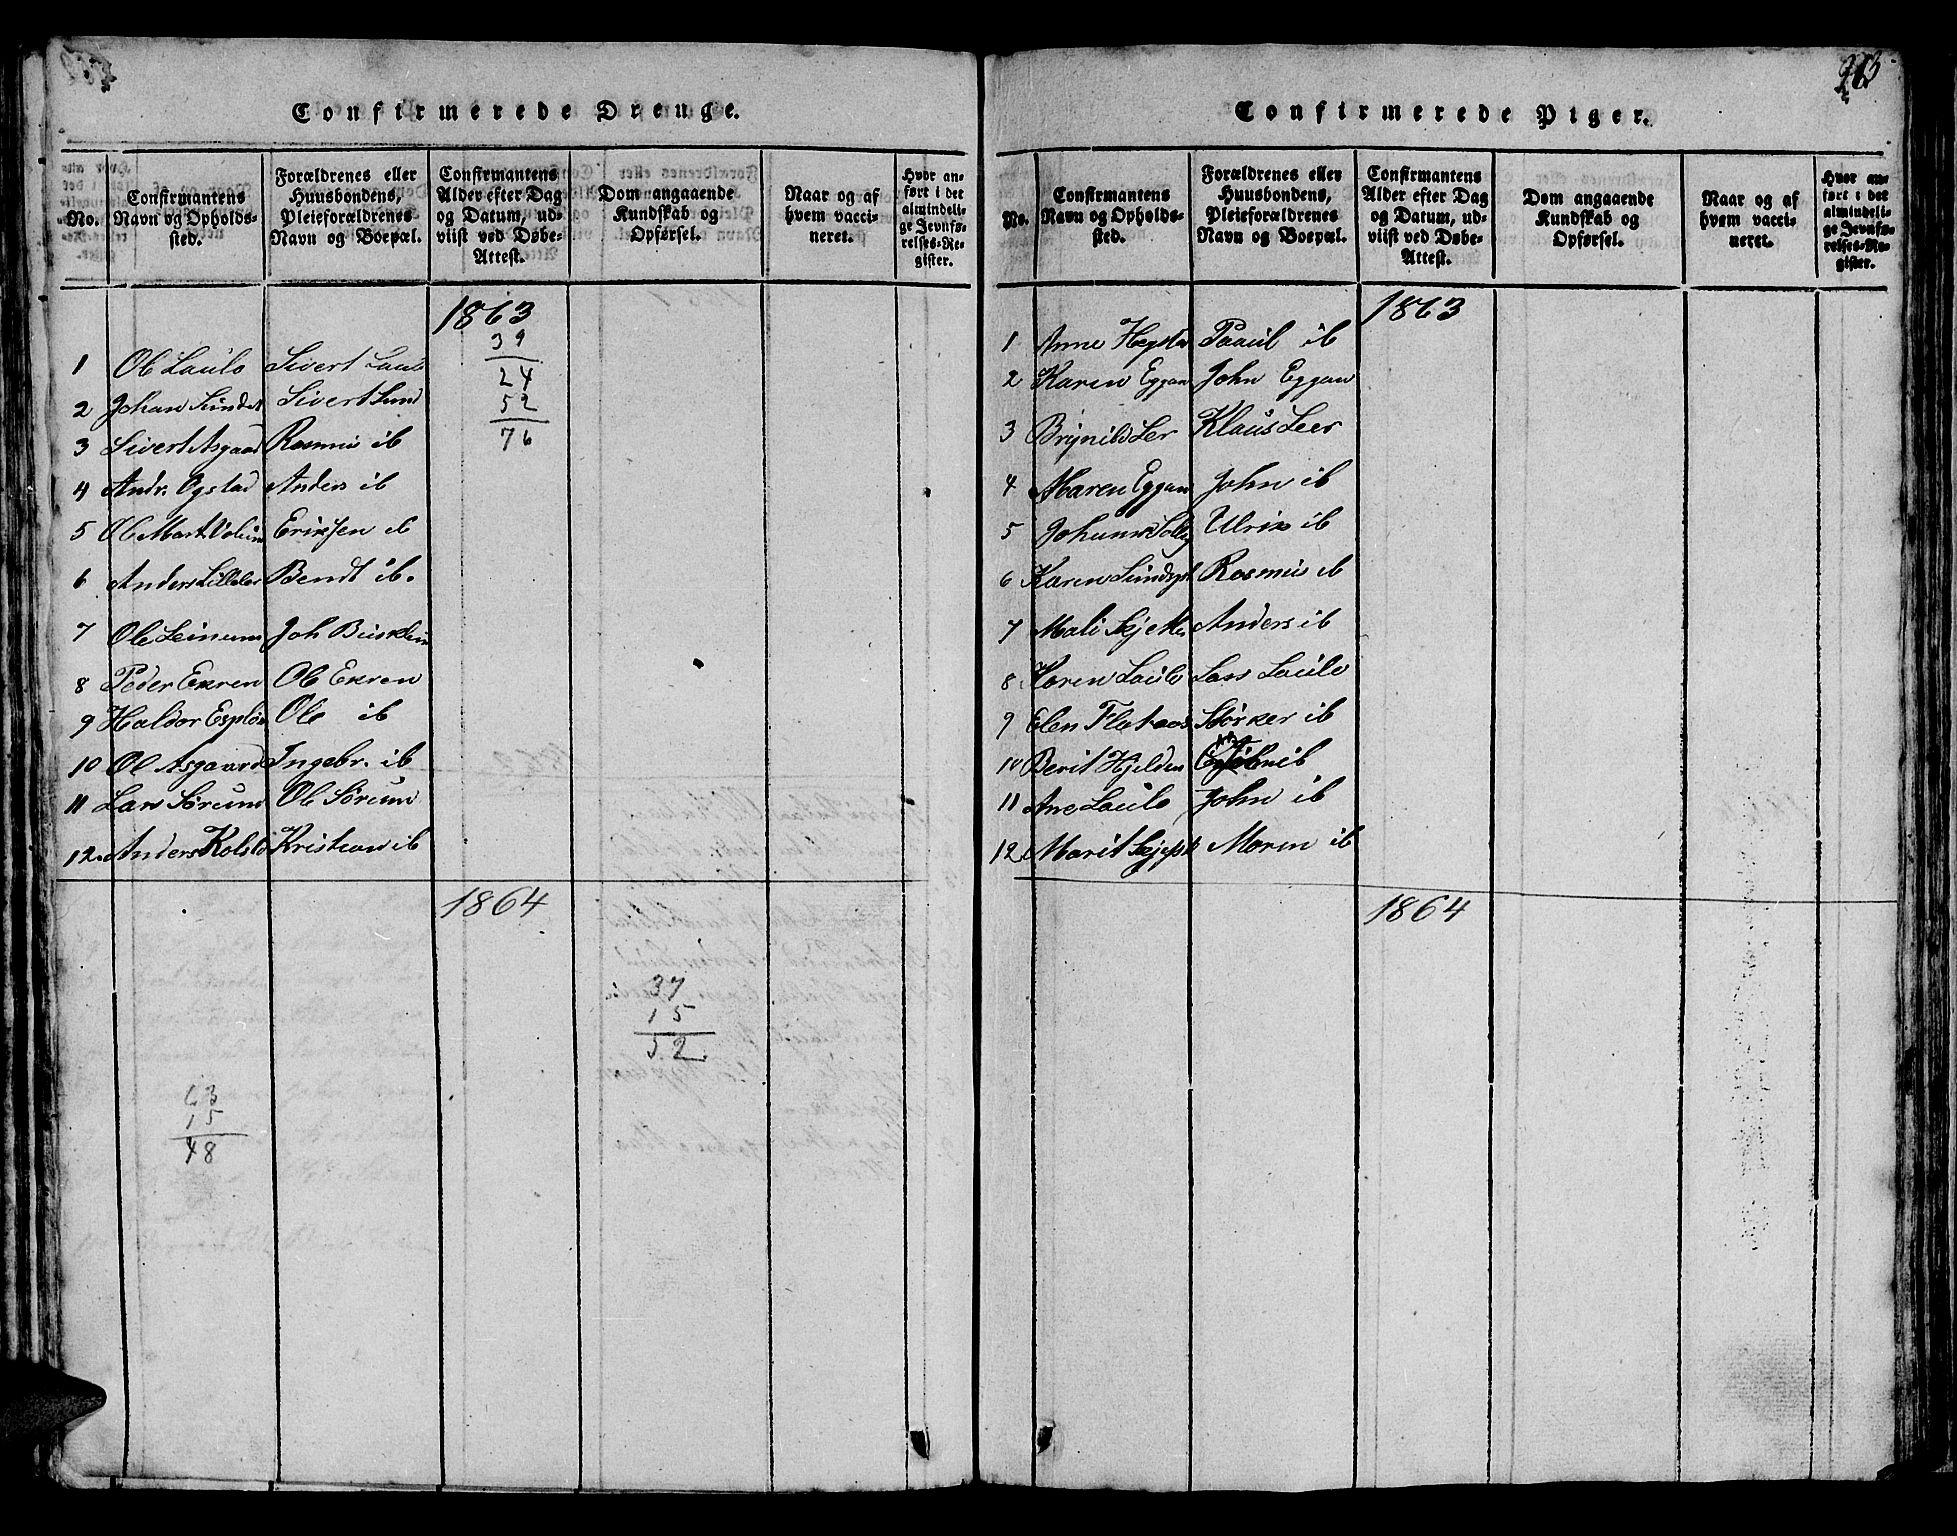 SAT, Ministerialprotokoller, klokkerbøker og fødselsregistre - Sør-Trøndelag, 613/L0393: Klokkerbok nr. 613C01, 1816-1886, s. 263